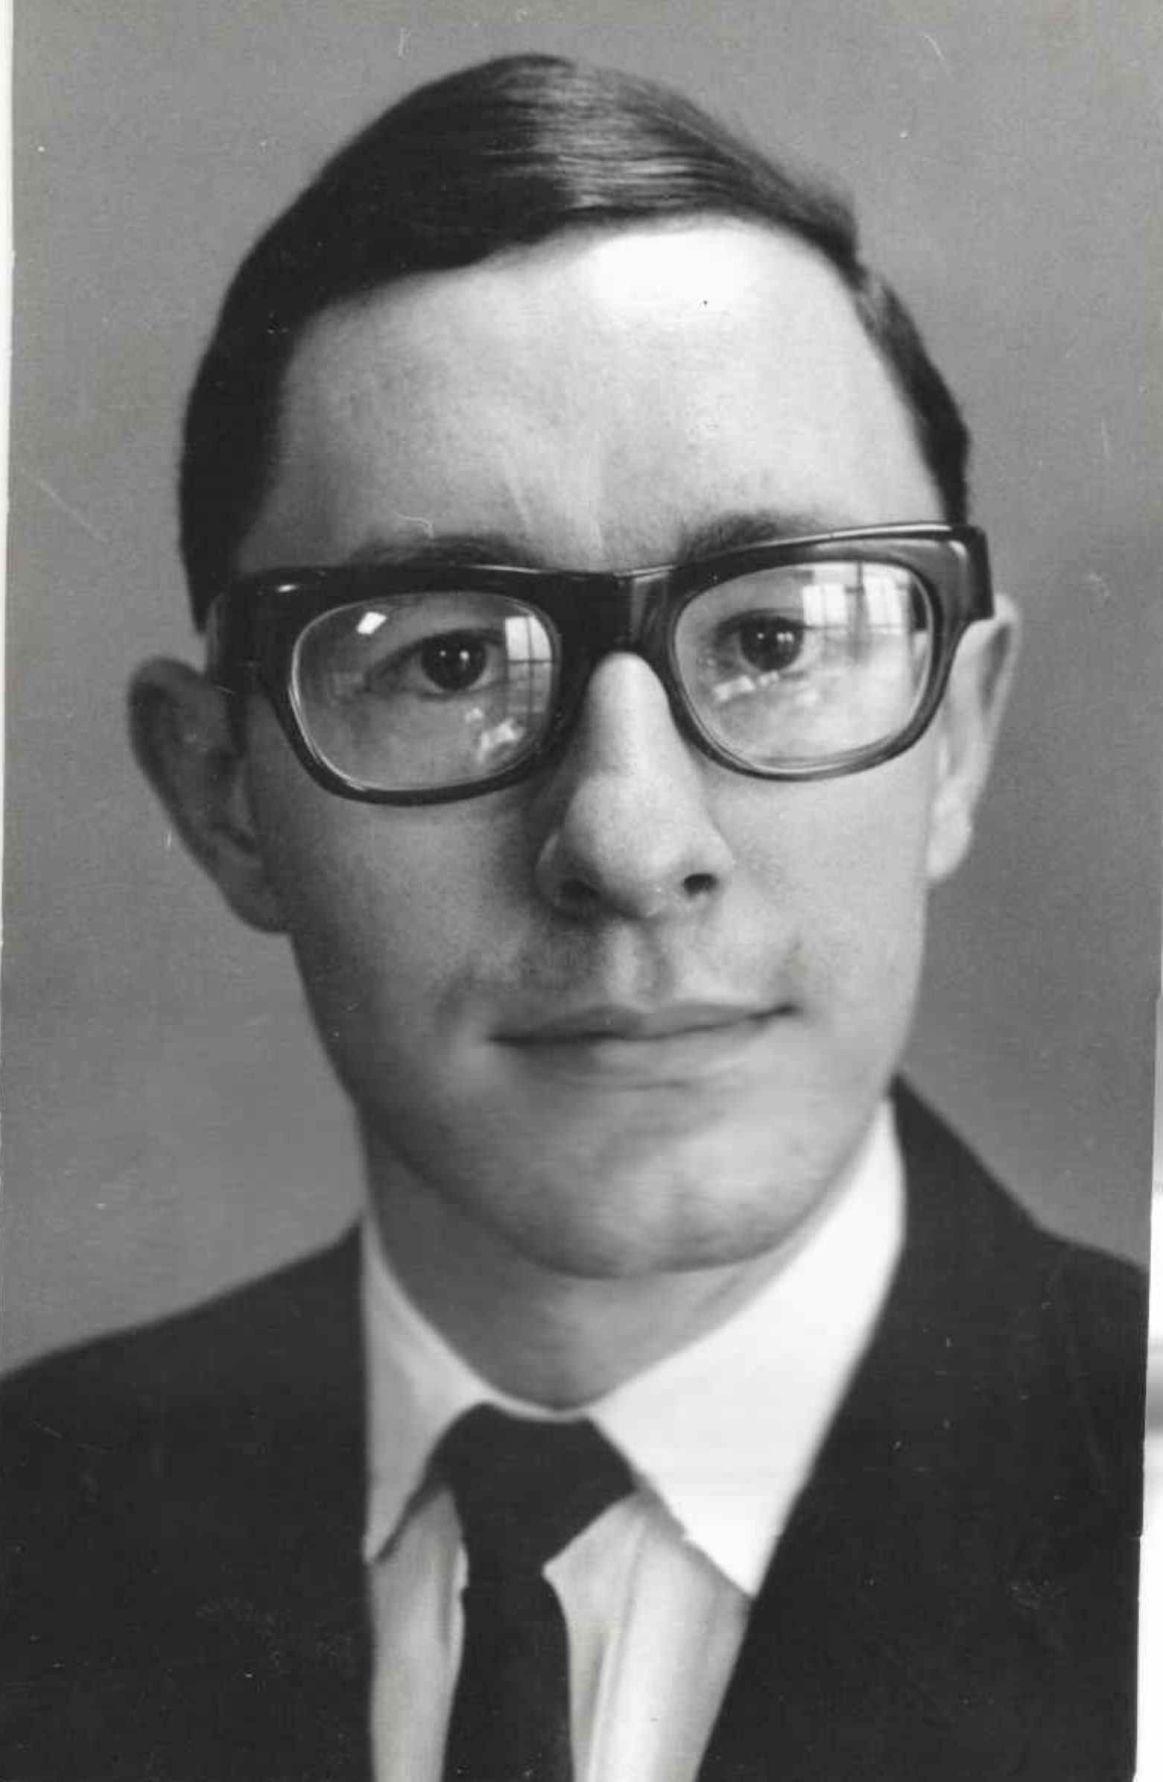 Preston Kirk 1968 UPI ID